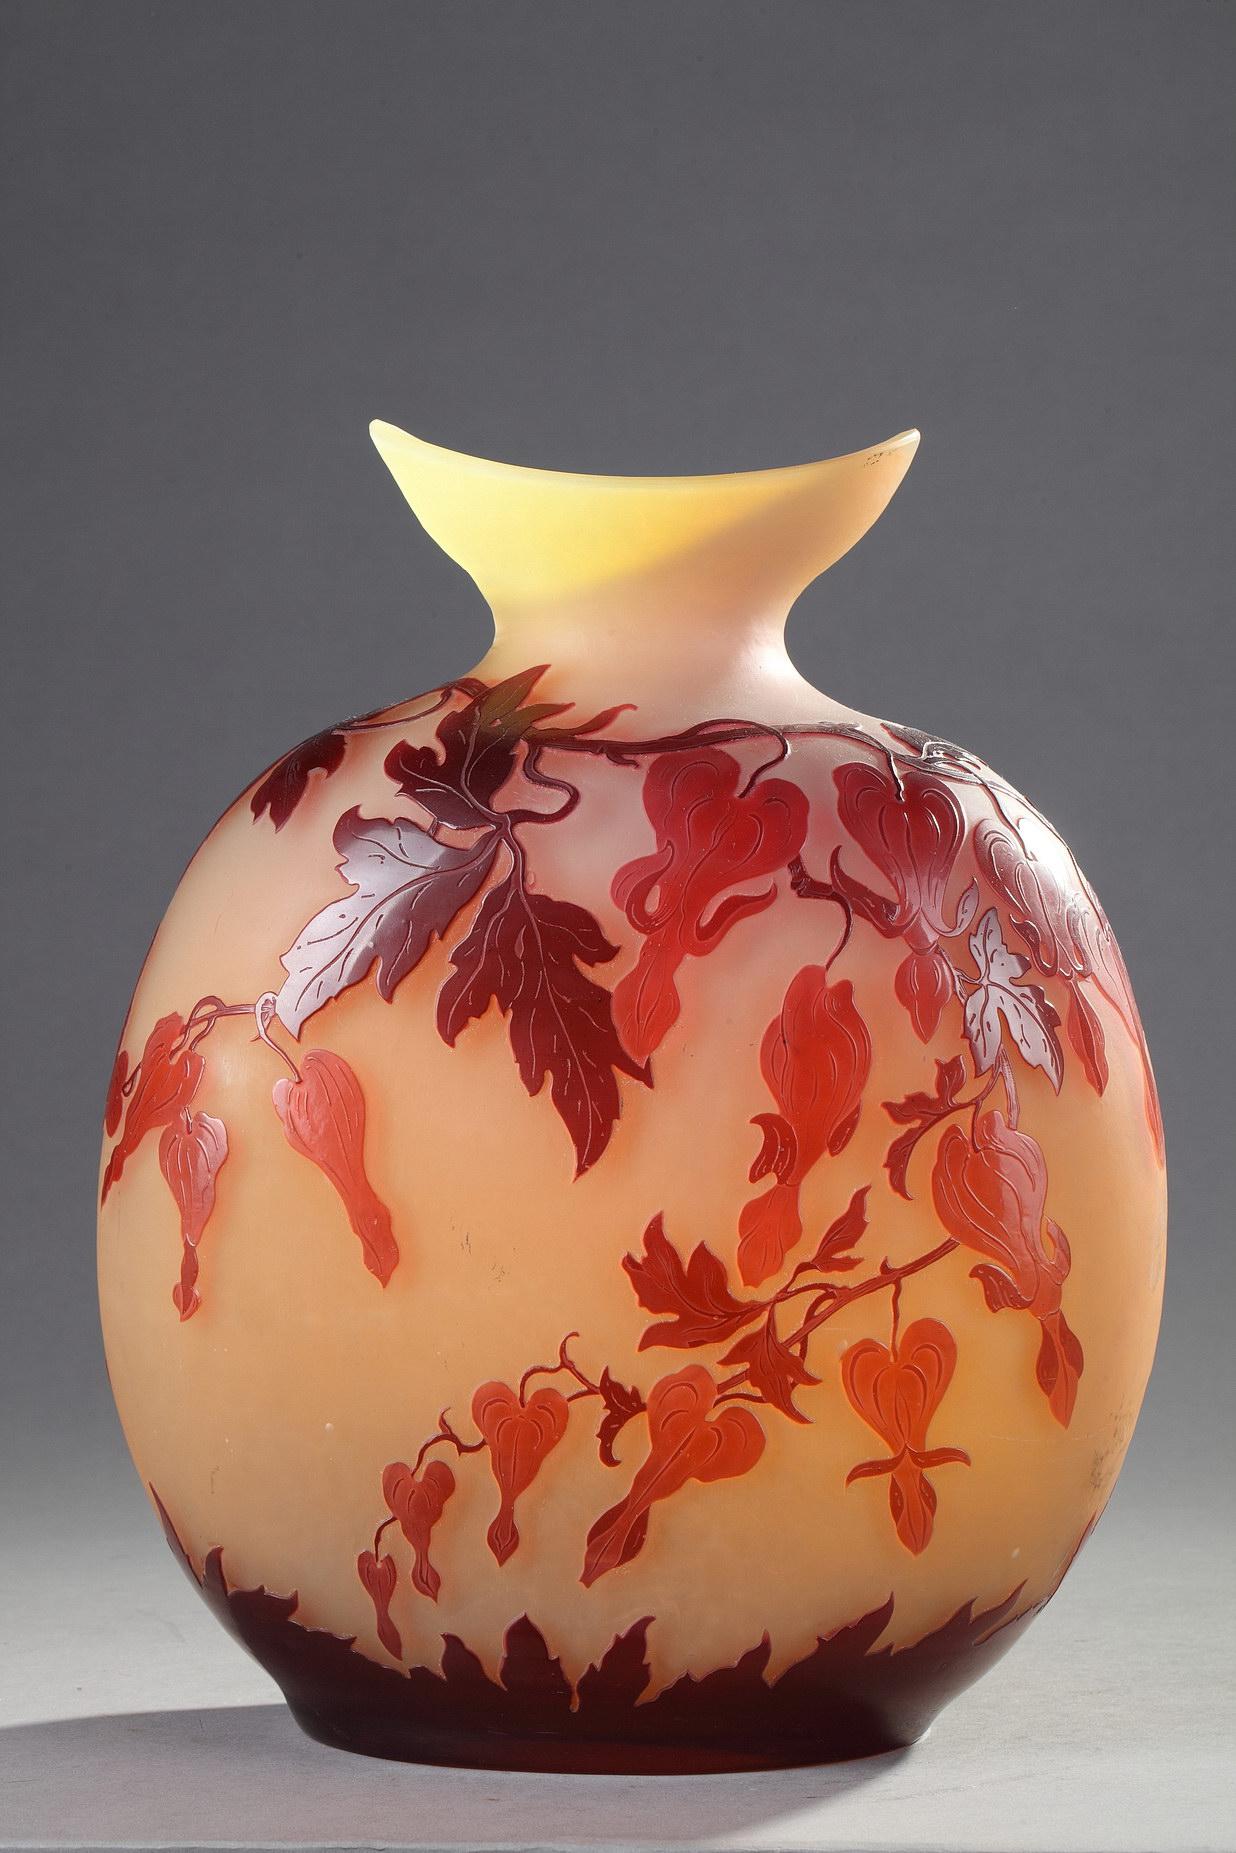 Ets. Gallé, Vase gourde à décor de Coeurs de Marie, Haut. 32 cm. sculptures, verreries - galerie Tourbillon, Paris